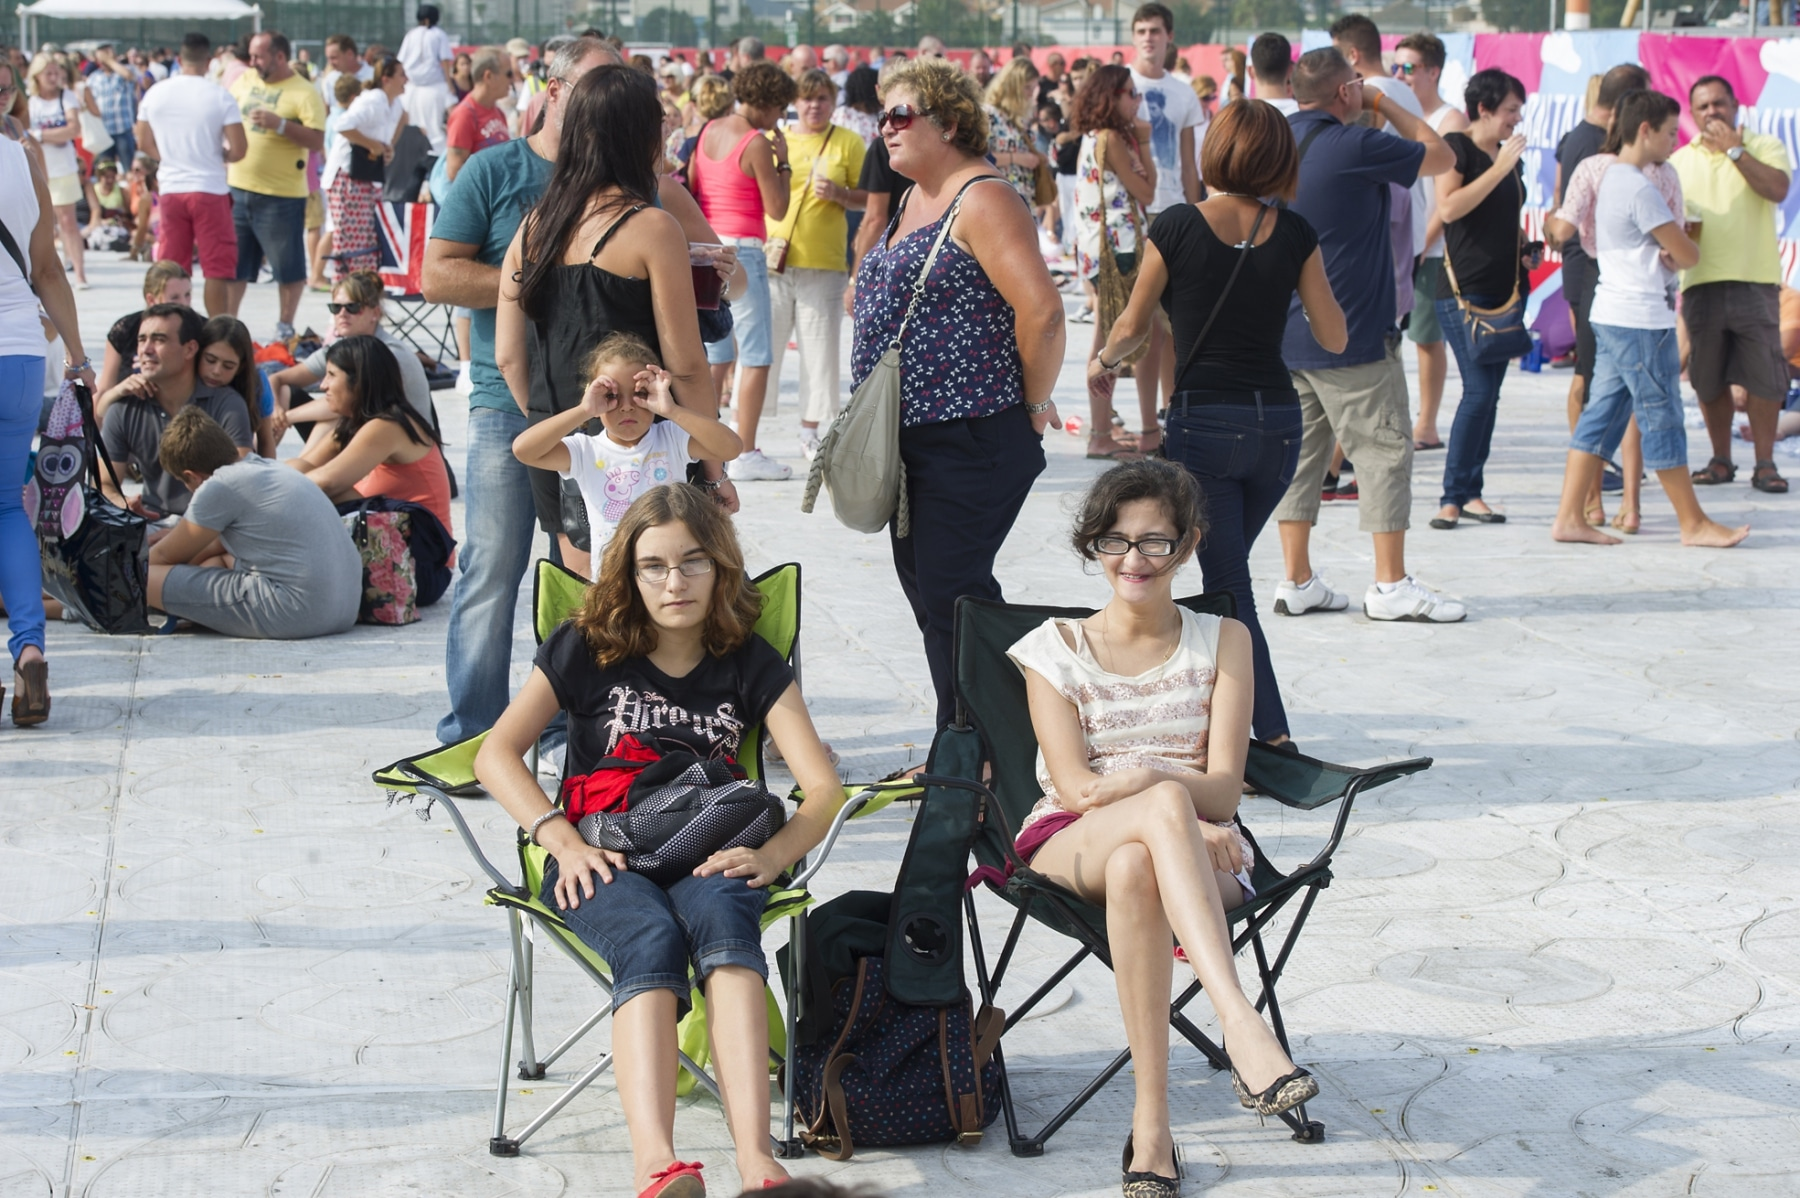 gibraltar-music-festival-2013-publico-y-ambiente_9703072412_o